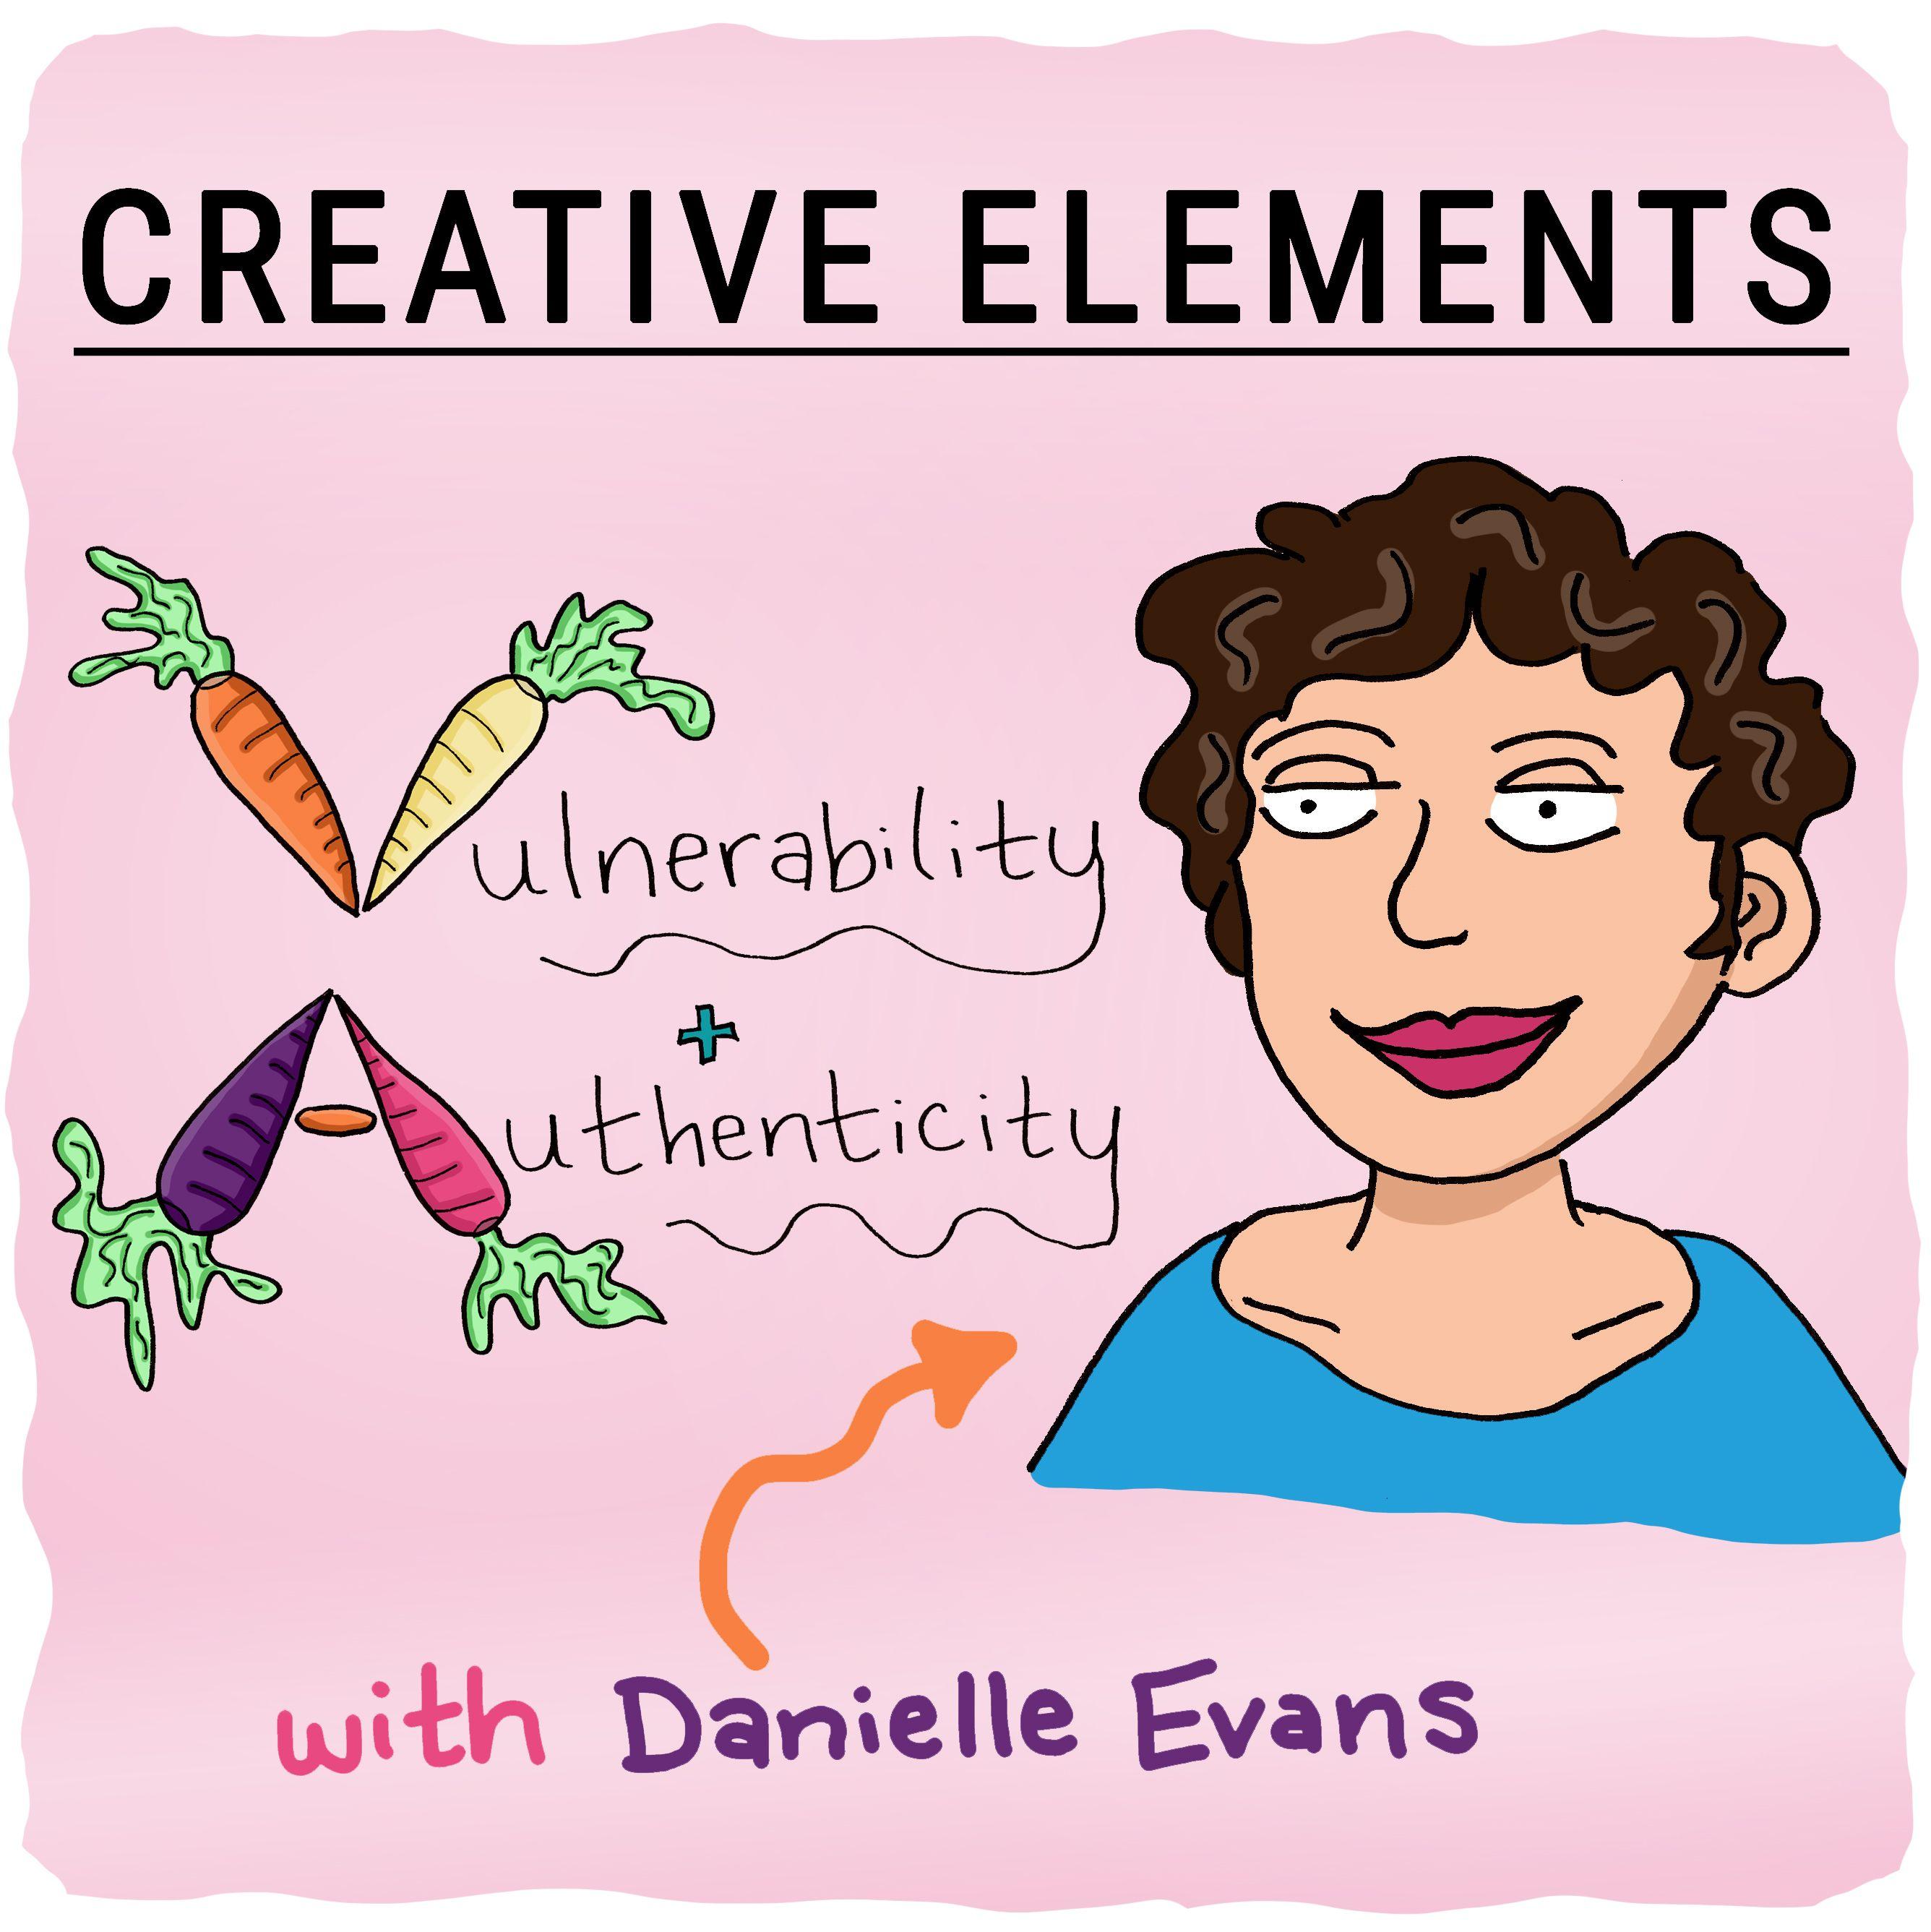 #3: Danielle Evans [Authenticity + Vulnerability]